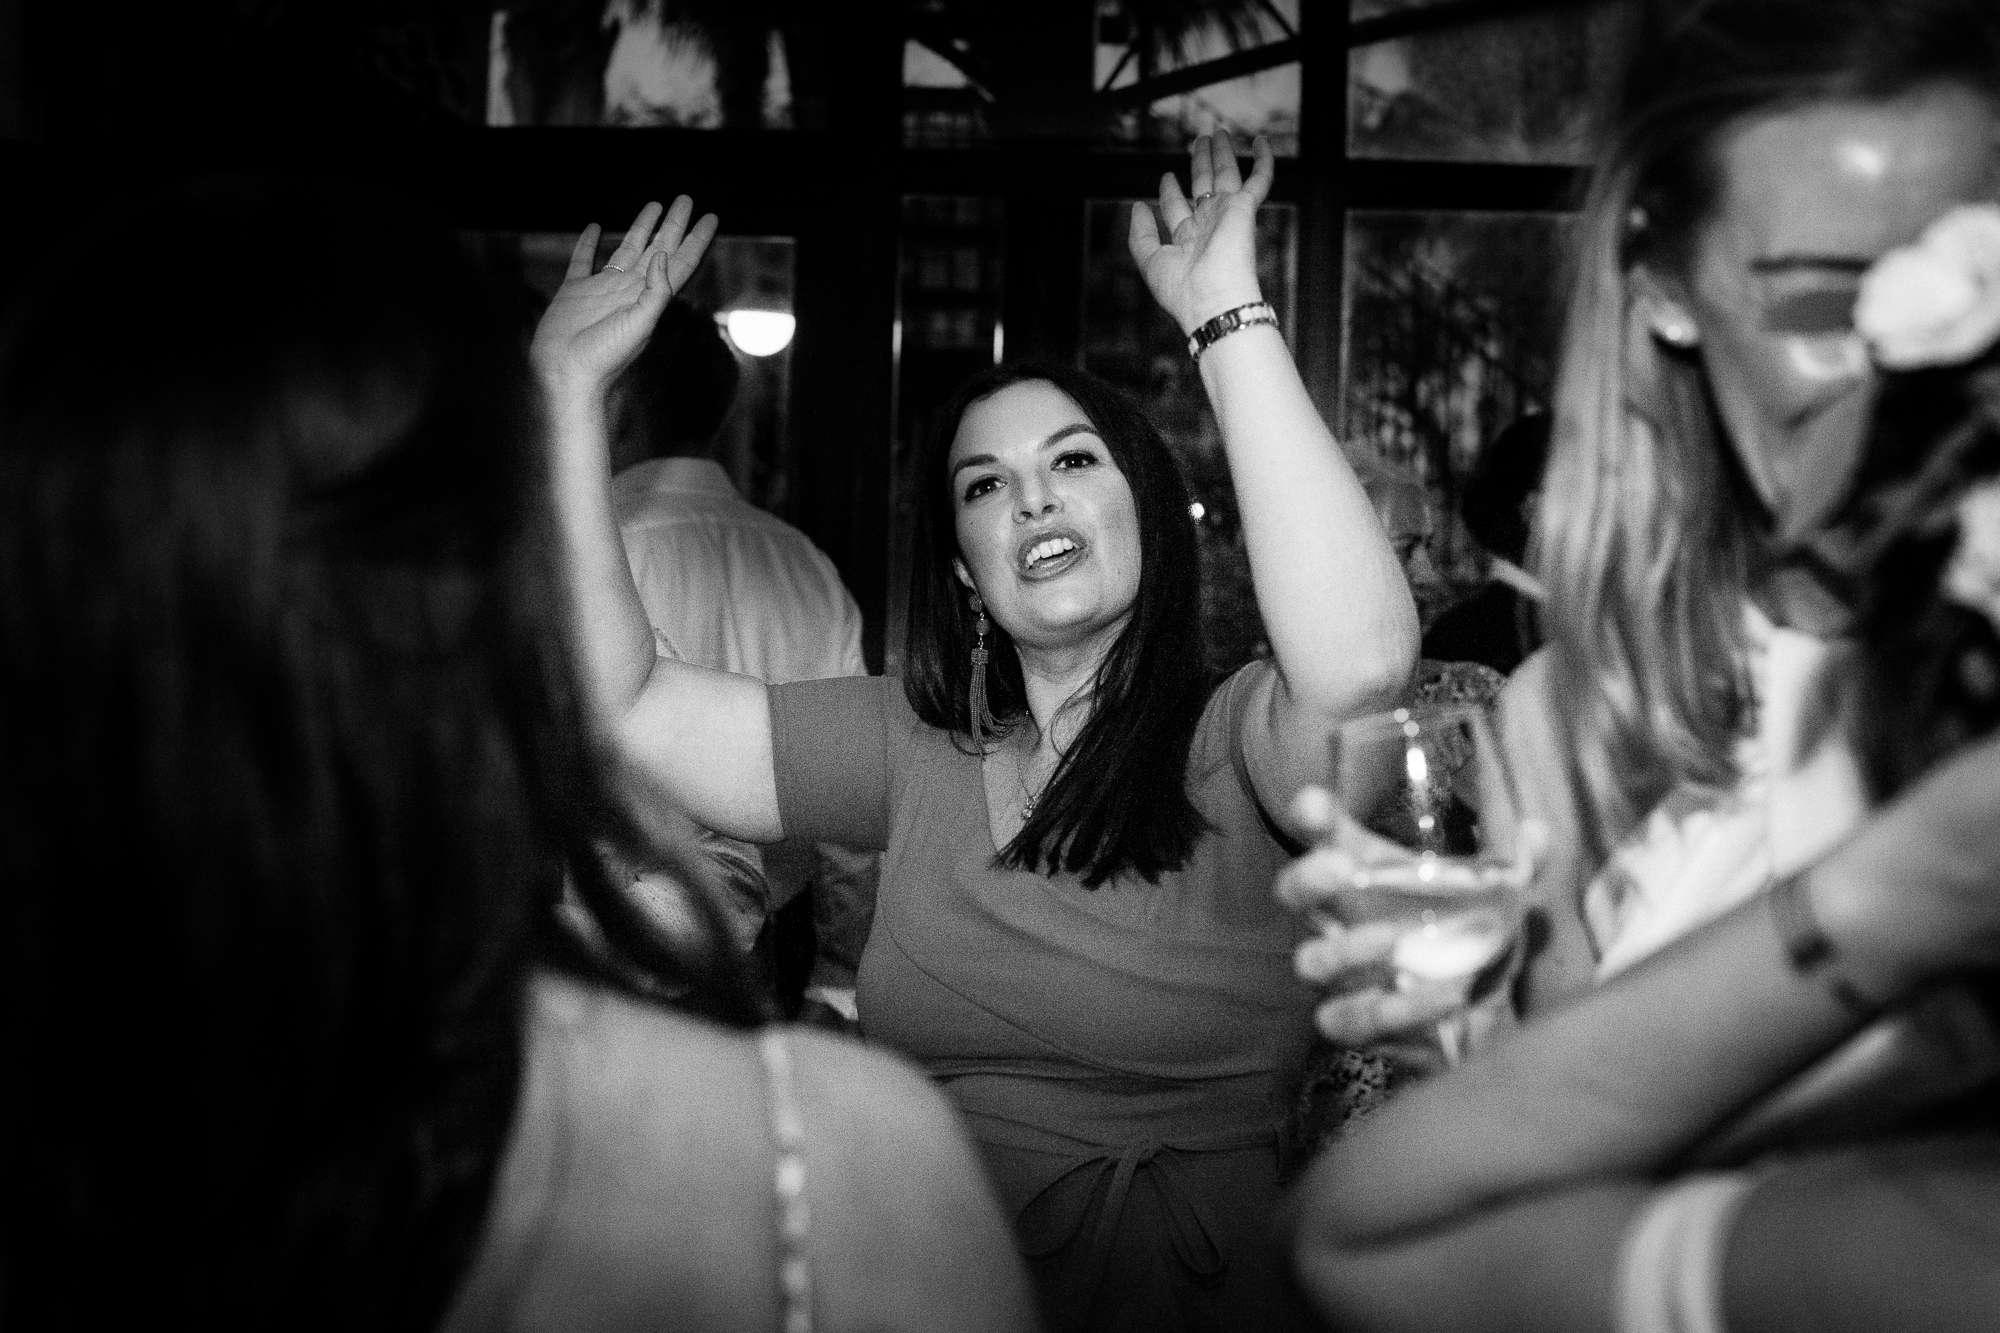 wedding guest dances and raises hands